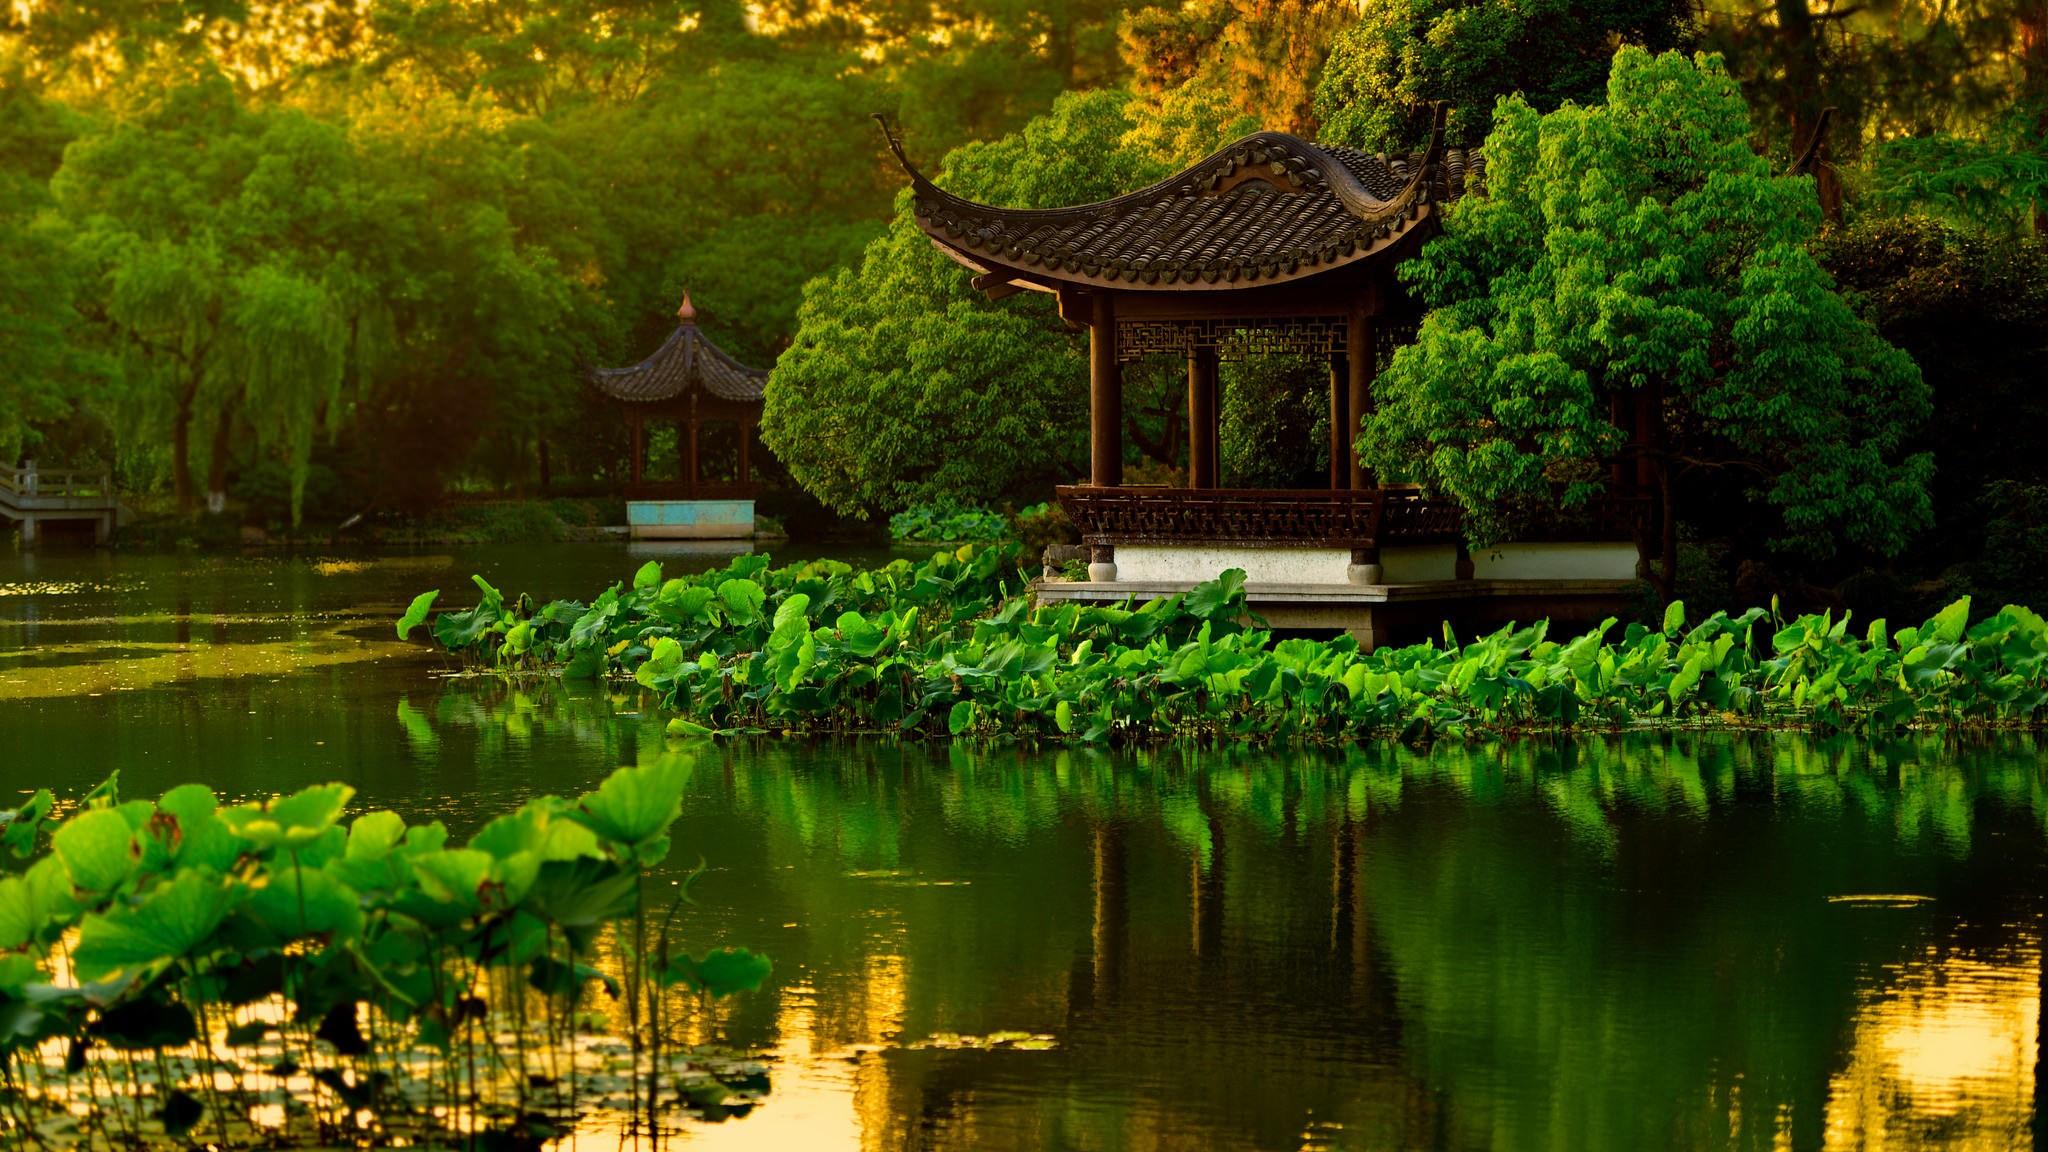 китайский пейзаж обои на рабочий стол № 501908 бесплатно